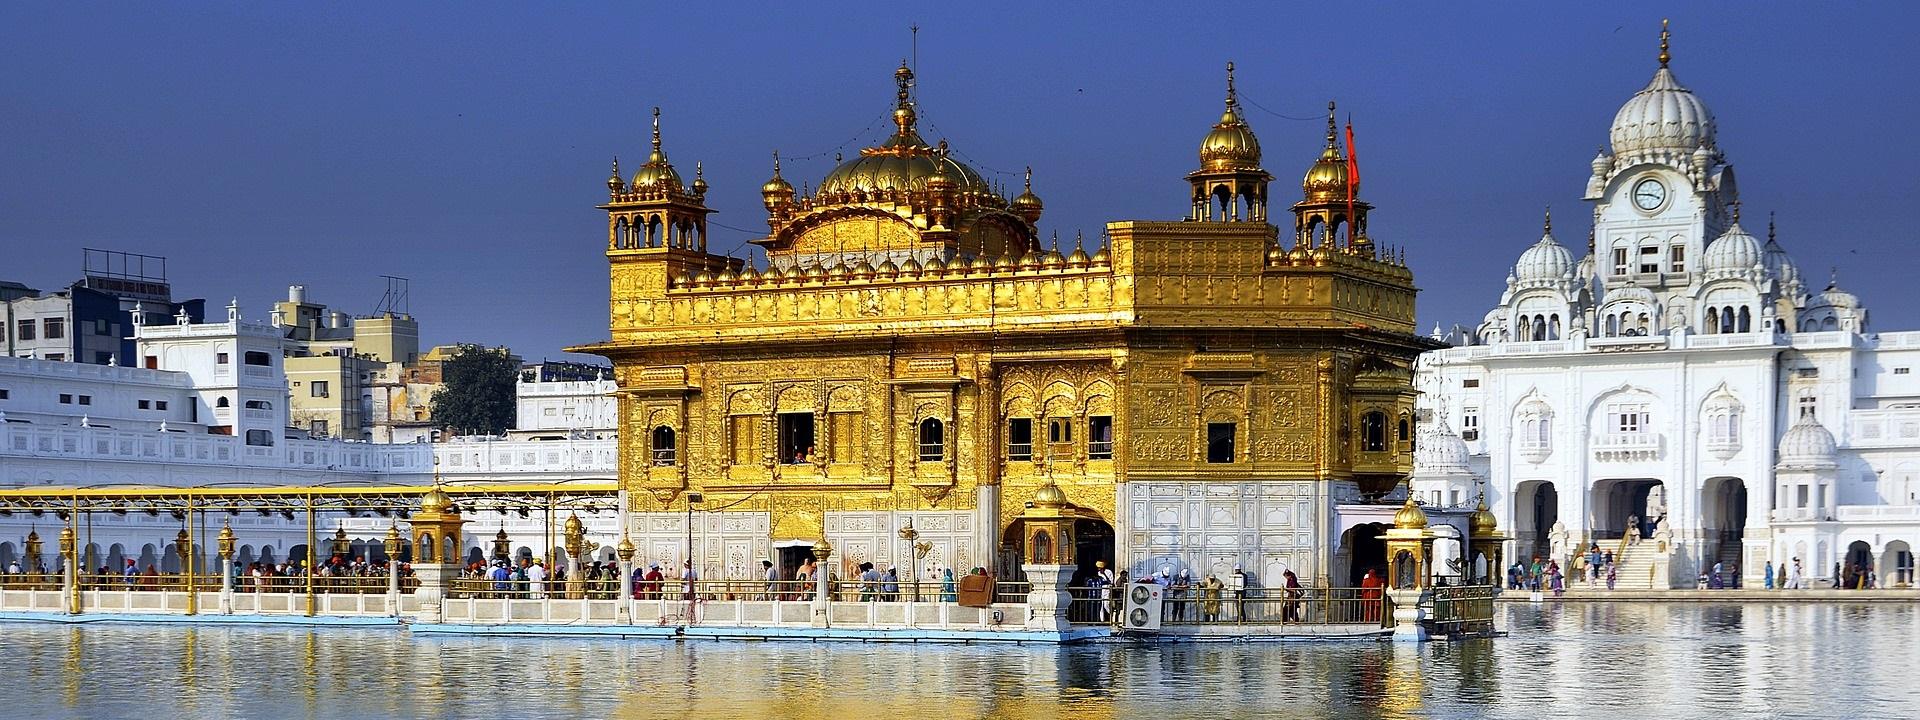 amritsar-3083693_1920